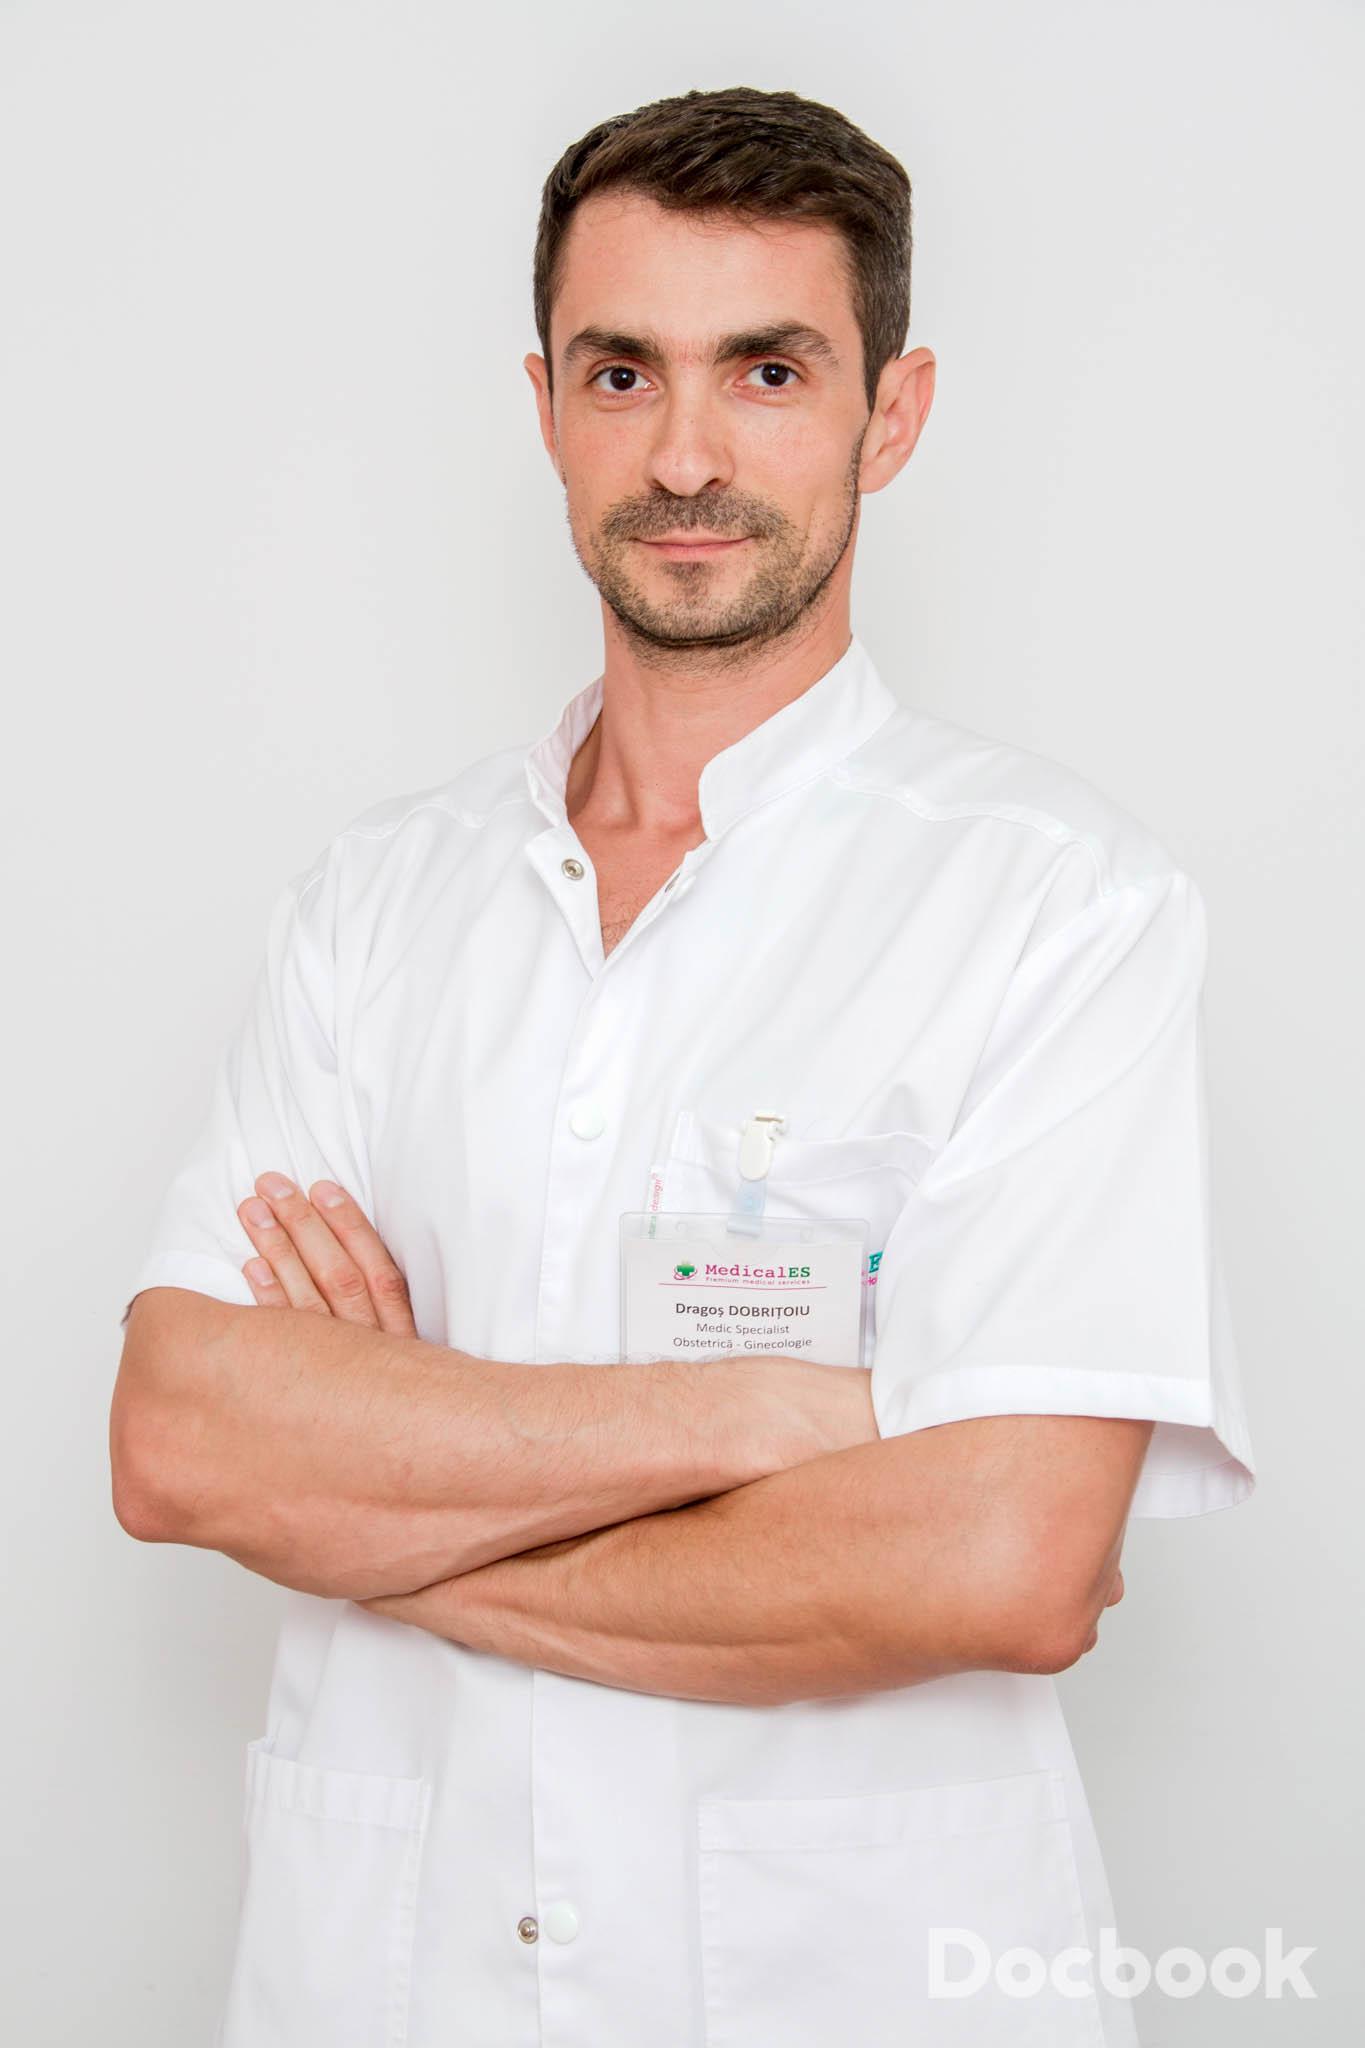 Dr. Dragos Dobritoiu